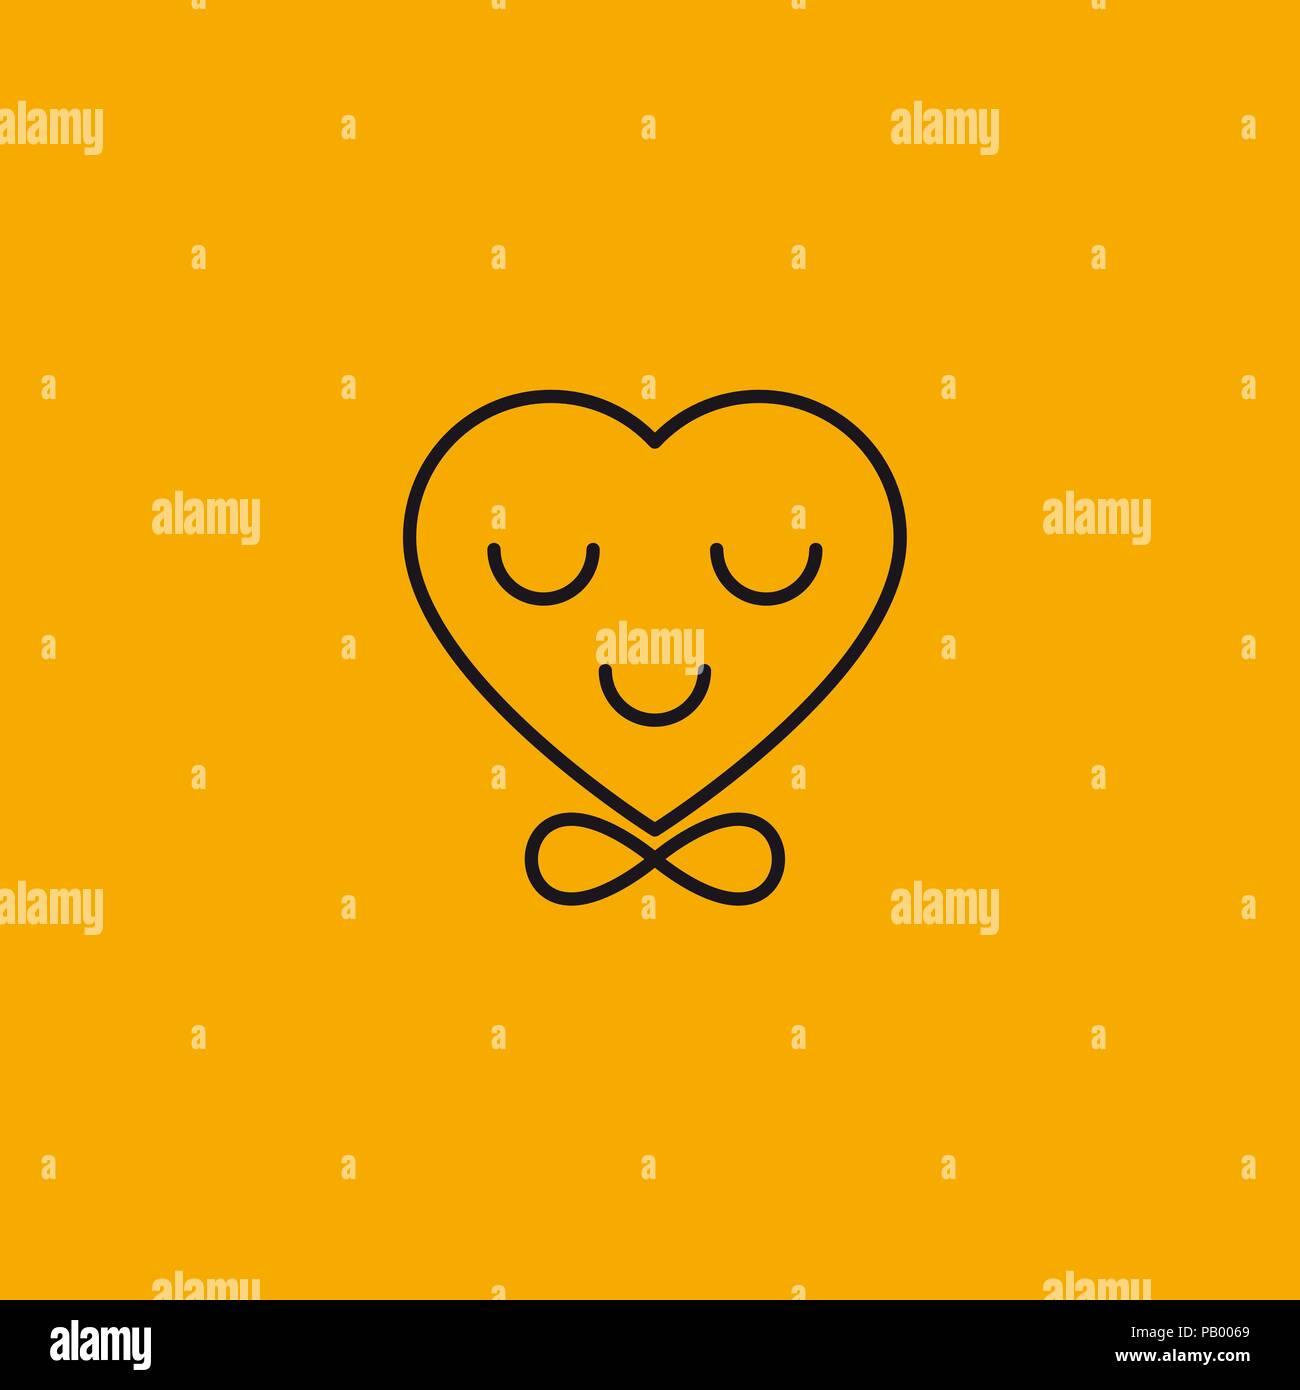 Coeur En Dentelle Noeud En Forme De Signer L Infini L Amour Smiley Amour Eternel Vector Illustration Image Vectorielle Stock Alamy